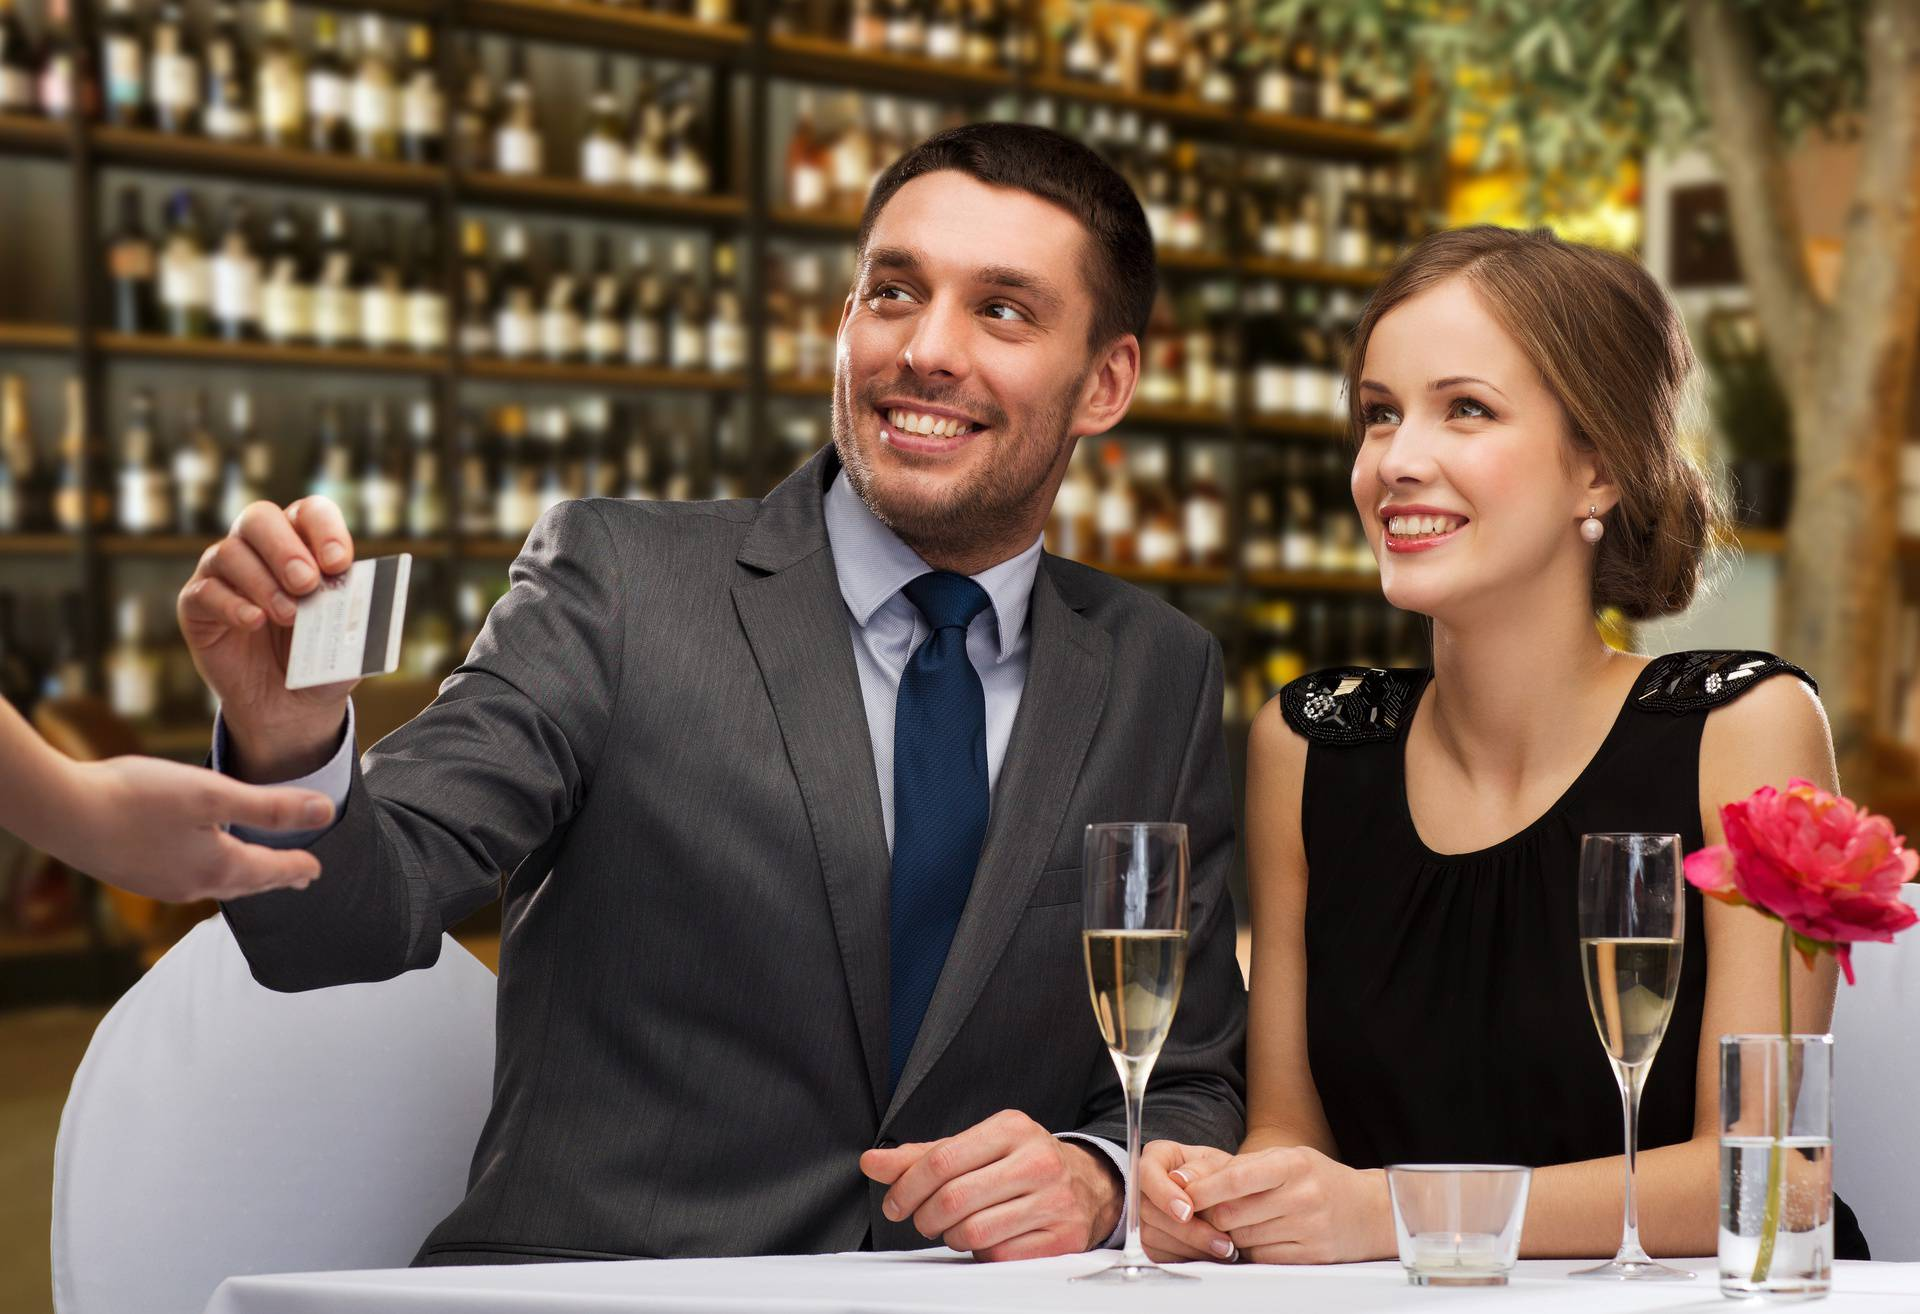 Cro karticu možemo i sami uzeti pa uštedjeti pri plaćanju usluga u turizmu i u restoranima